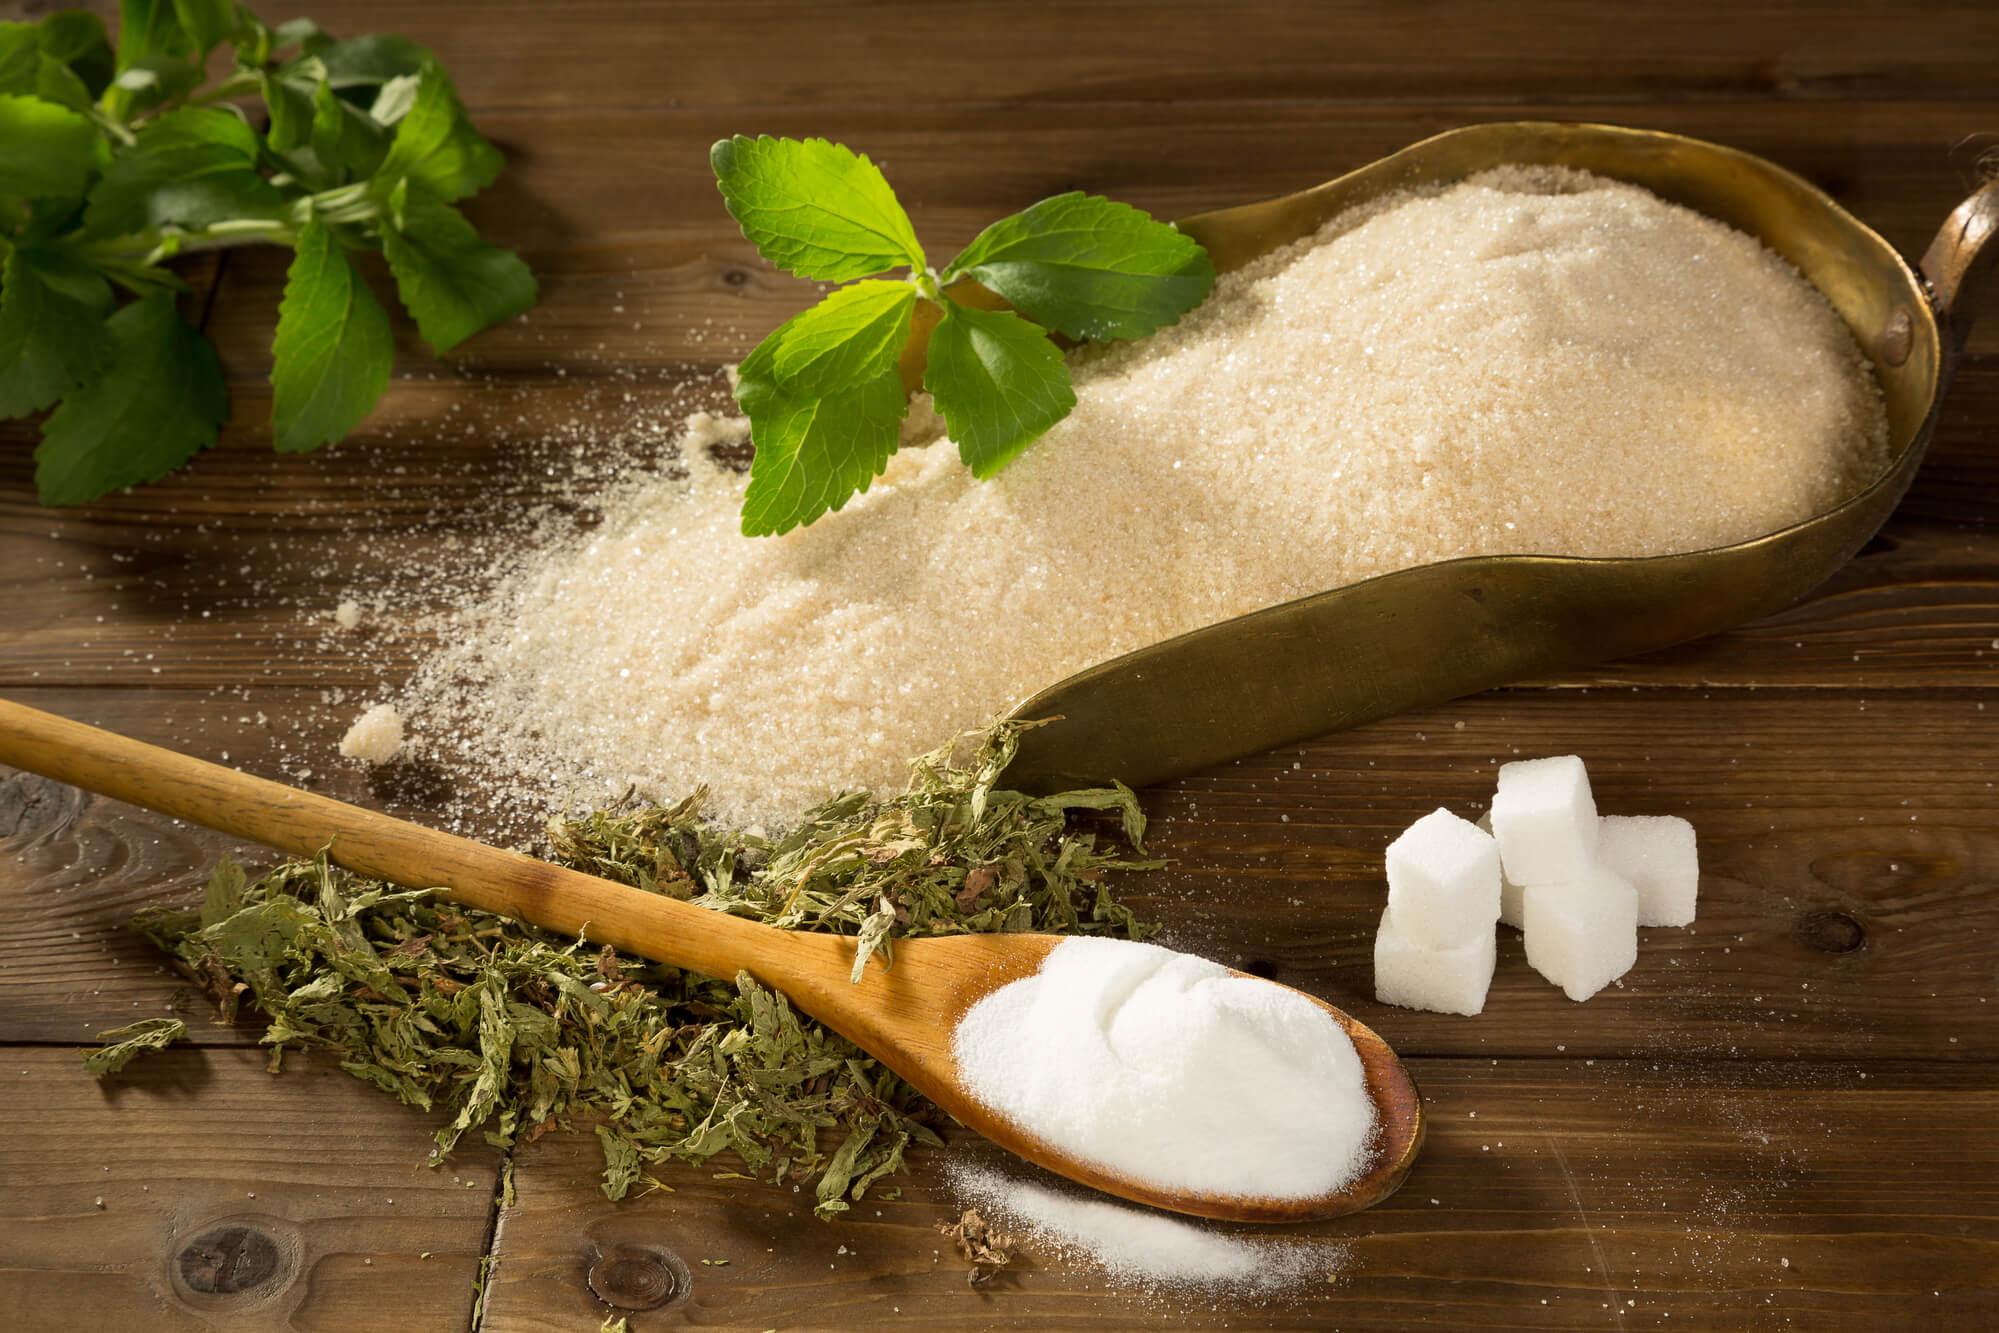 Stevias bivirkninger - 7 bivirkninger ved sukkerplanten Stevia